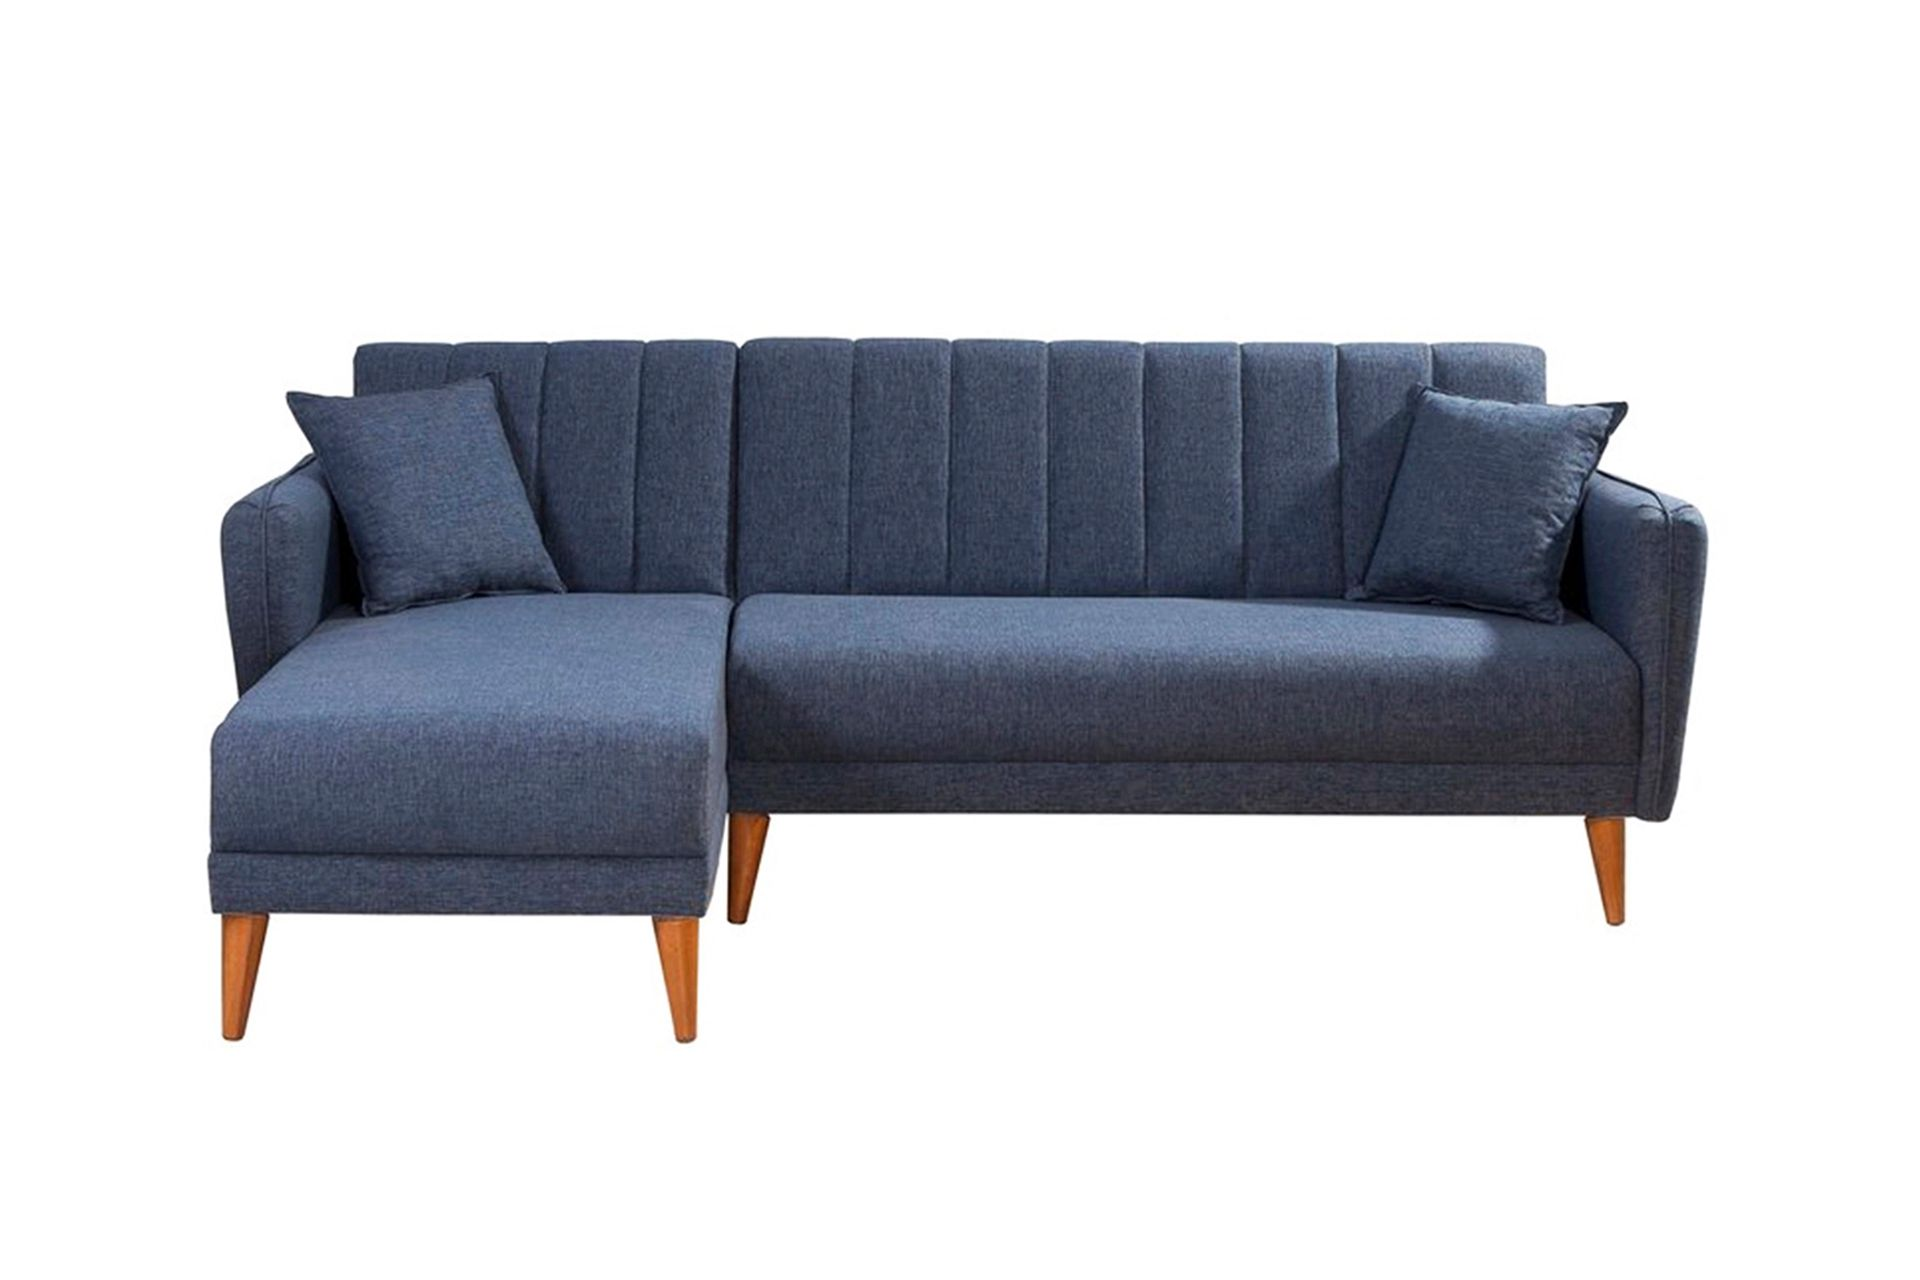 Aqua Corner Sofa Bed, Navy Blue (Left)